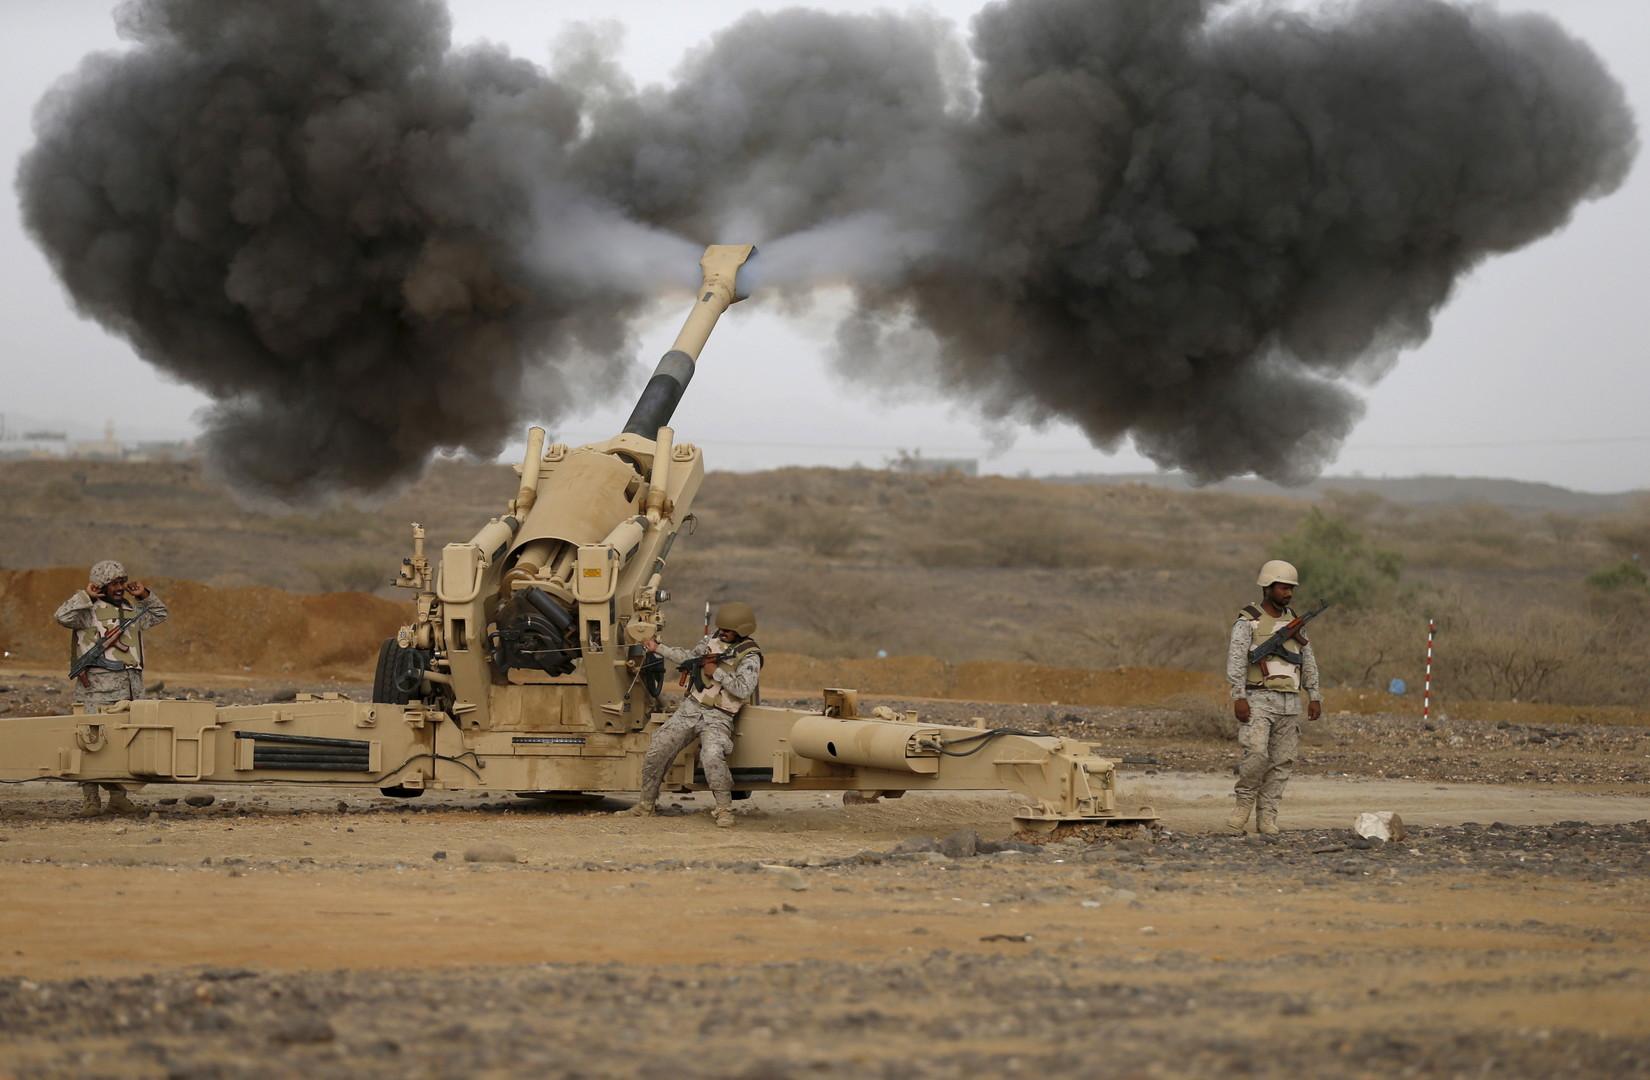 تشكيل لجنة سعودية إماراتية لتثبيت وقف إطلاق النار في جنوب اليمن